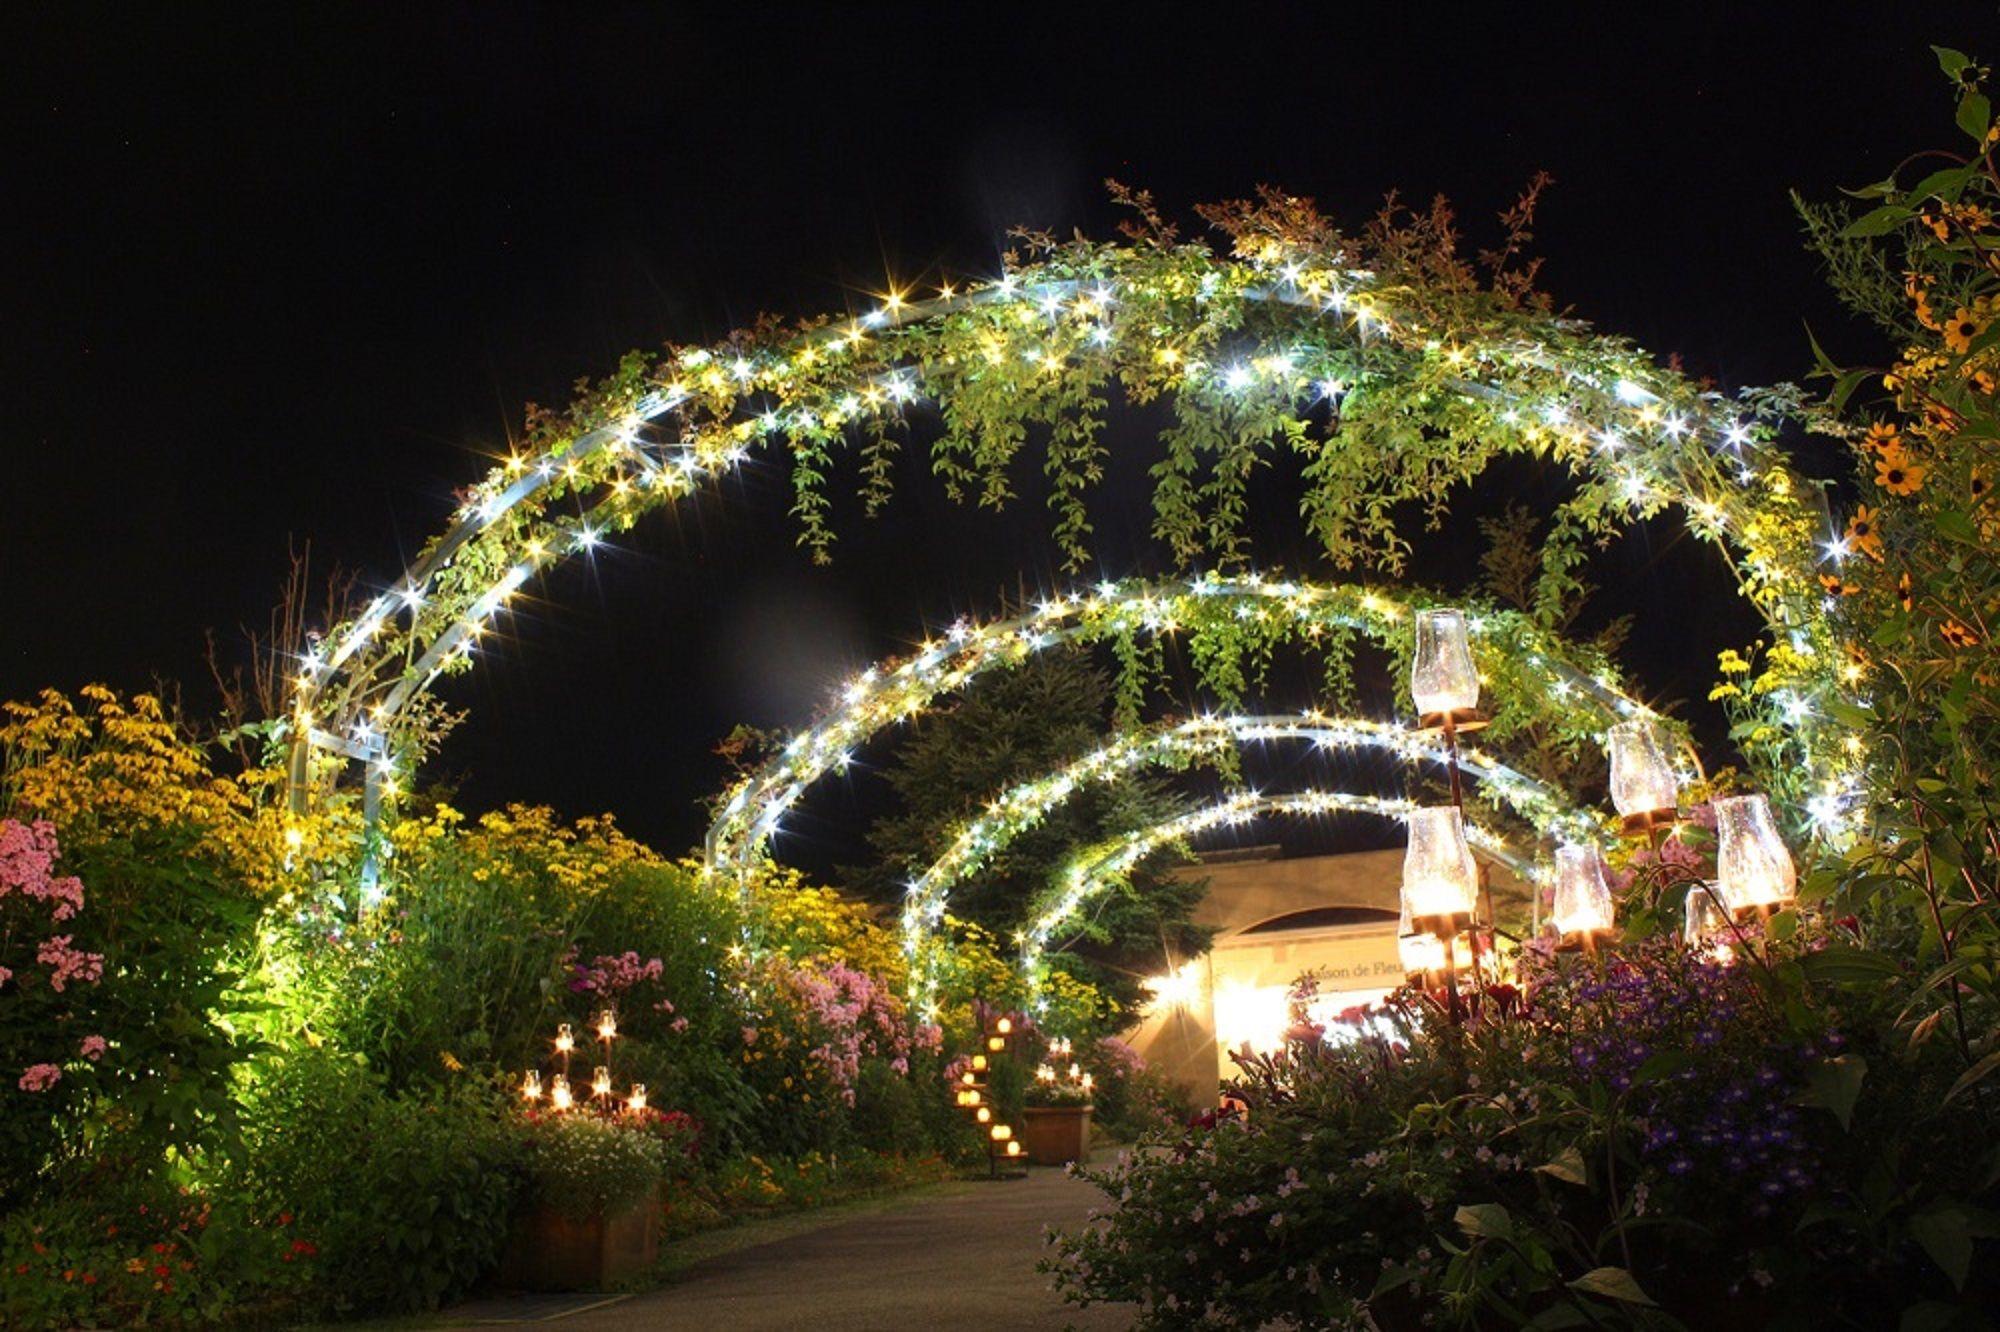 ジャルダン・デ・ルミエール ~光の庭園~